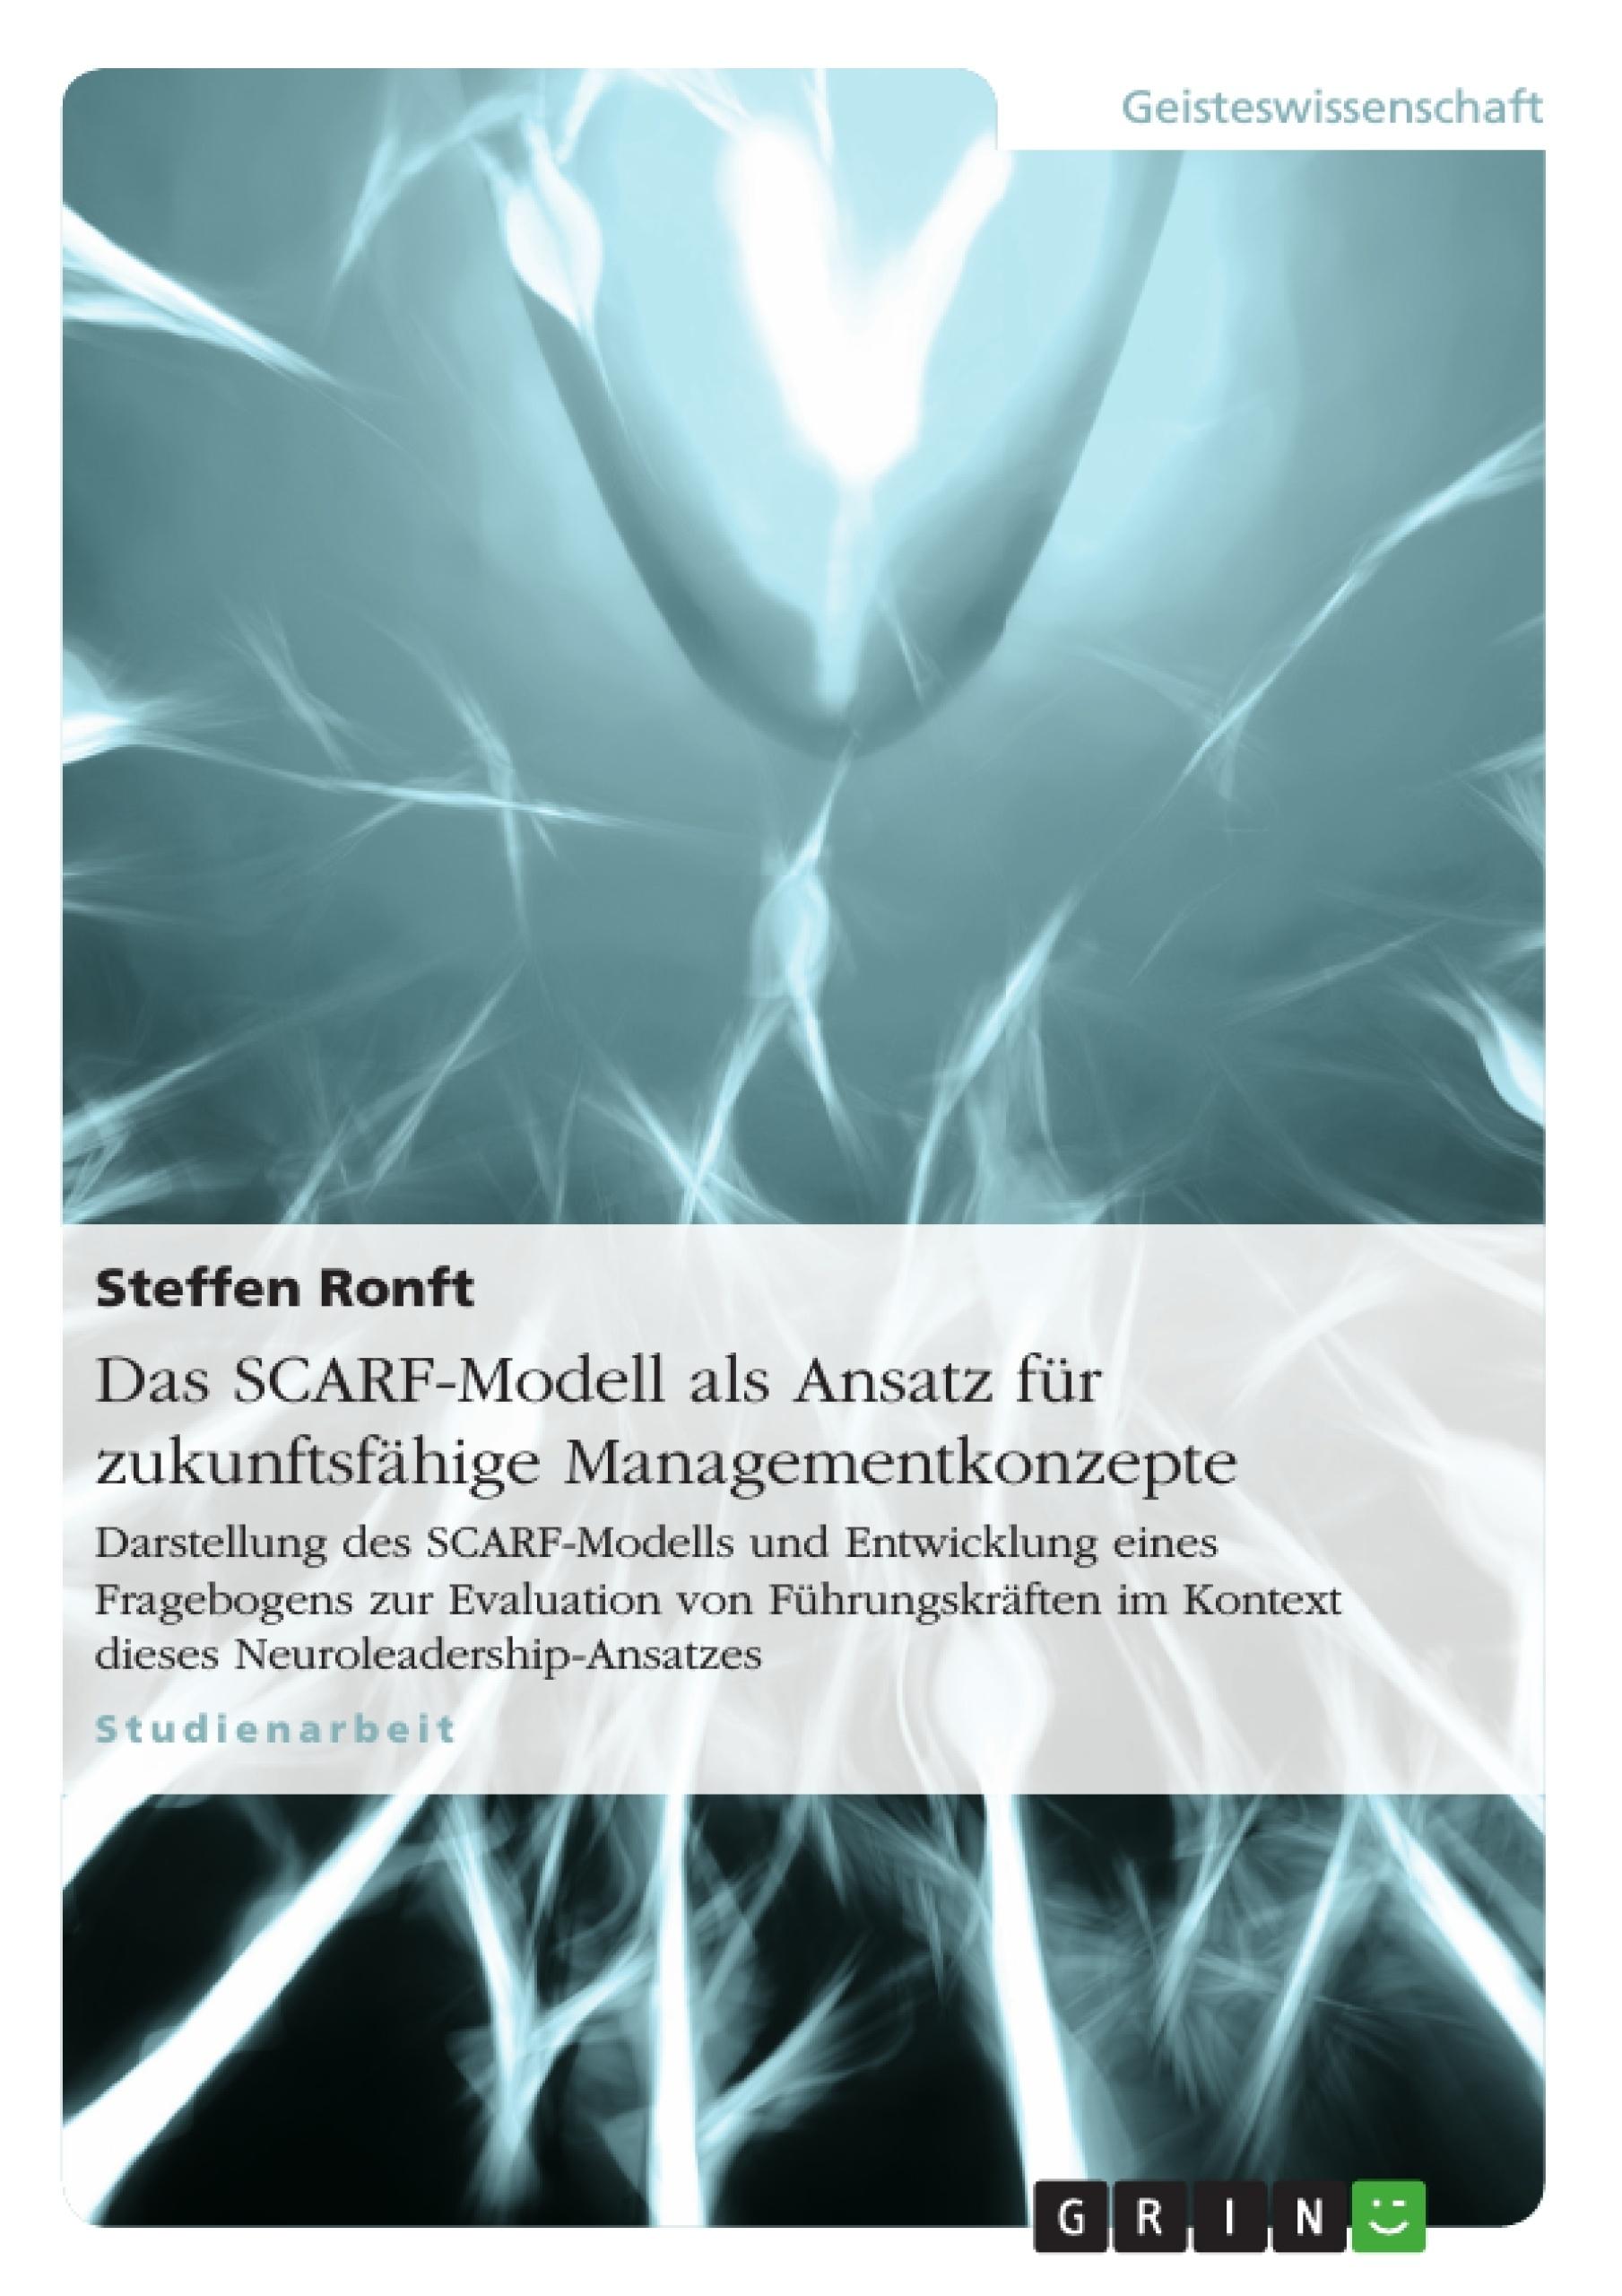 Titel: Das SCARF-Modell als Ansatz für zukunftsfähige Managementkonzepte